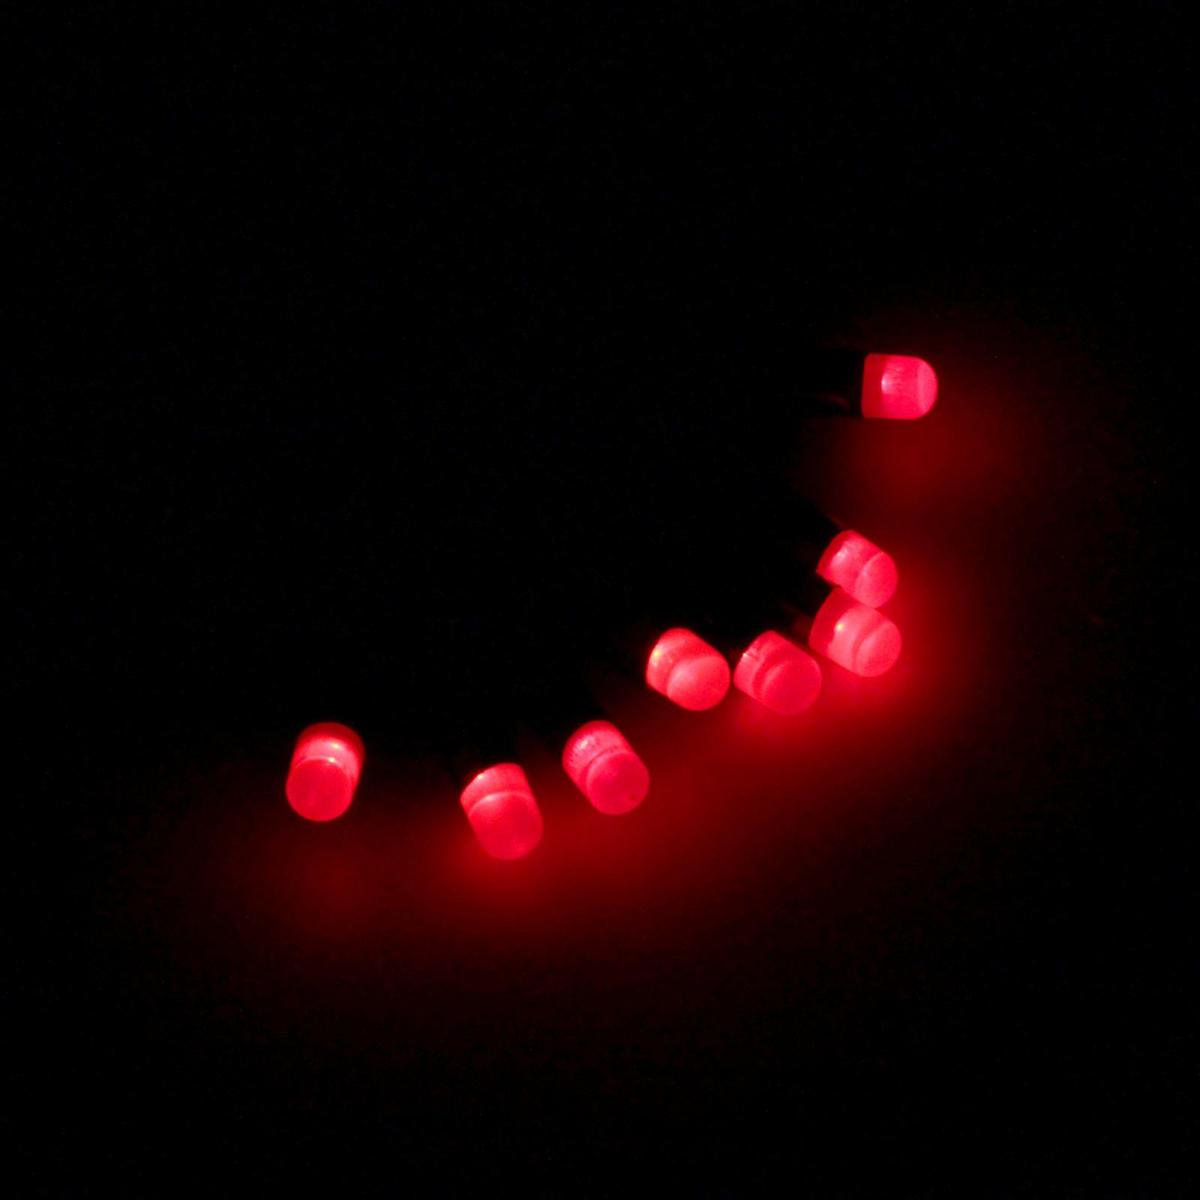 Гирлянда светодиодная Luazon Метраж. Лампочки, уличная с насадкой, 8 режимов, 40 ламп, 220 V, 5 м, цвет: красный. 185528185528Светодиодные гирлянды, ленты и т.д. — это отличный вариант для новогоднего оформления интерьера или фасада. С их помощью помещение любого размера можно превратить в праздничный зал, а внешние элементы зданий, украшенные ими, мгновенно станут напоминать очертания сказочного дворца. Такие украшения создают ауру предвкушения чуда. Деревья, фасады, витрины, окна и арки будто специально созданы, чтобы вы украсили их светящимися нитями.